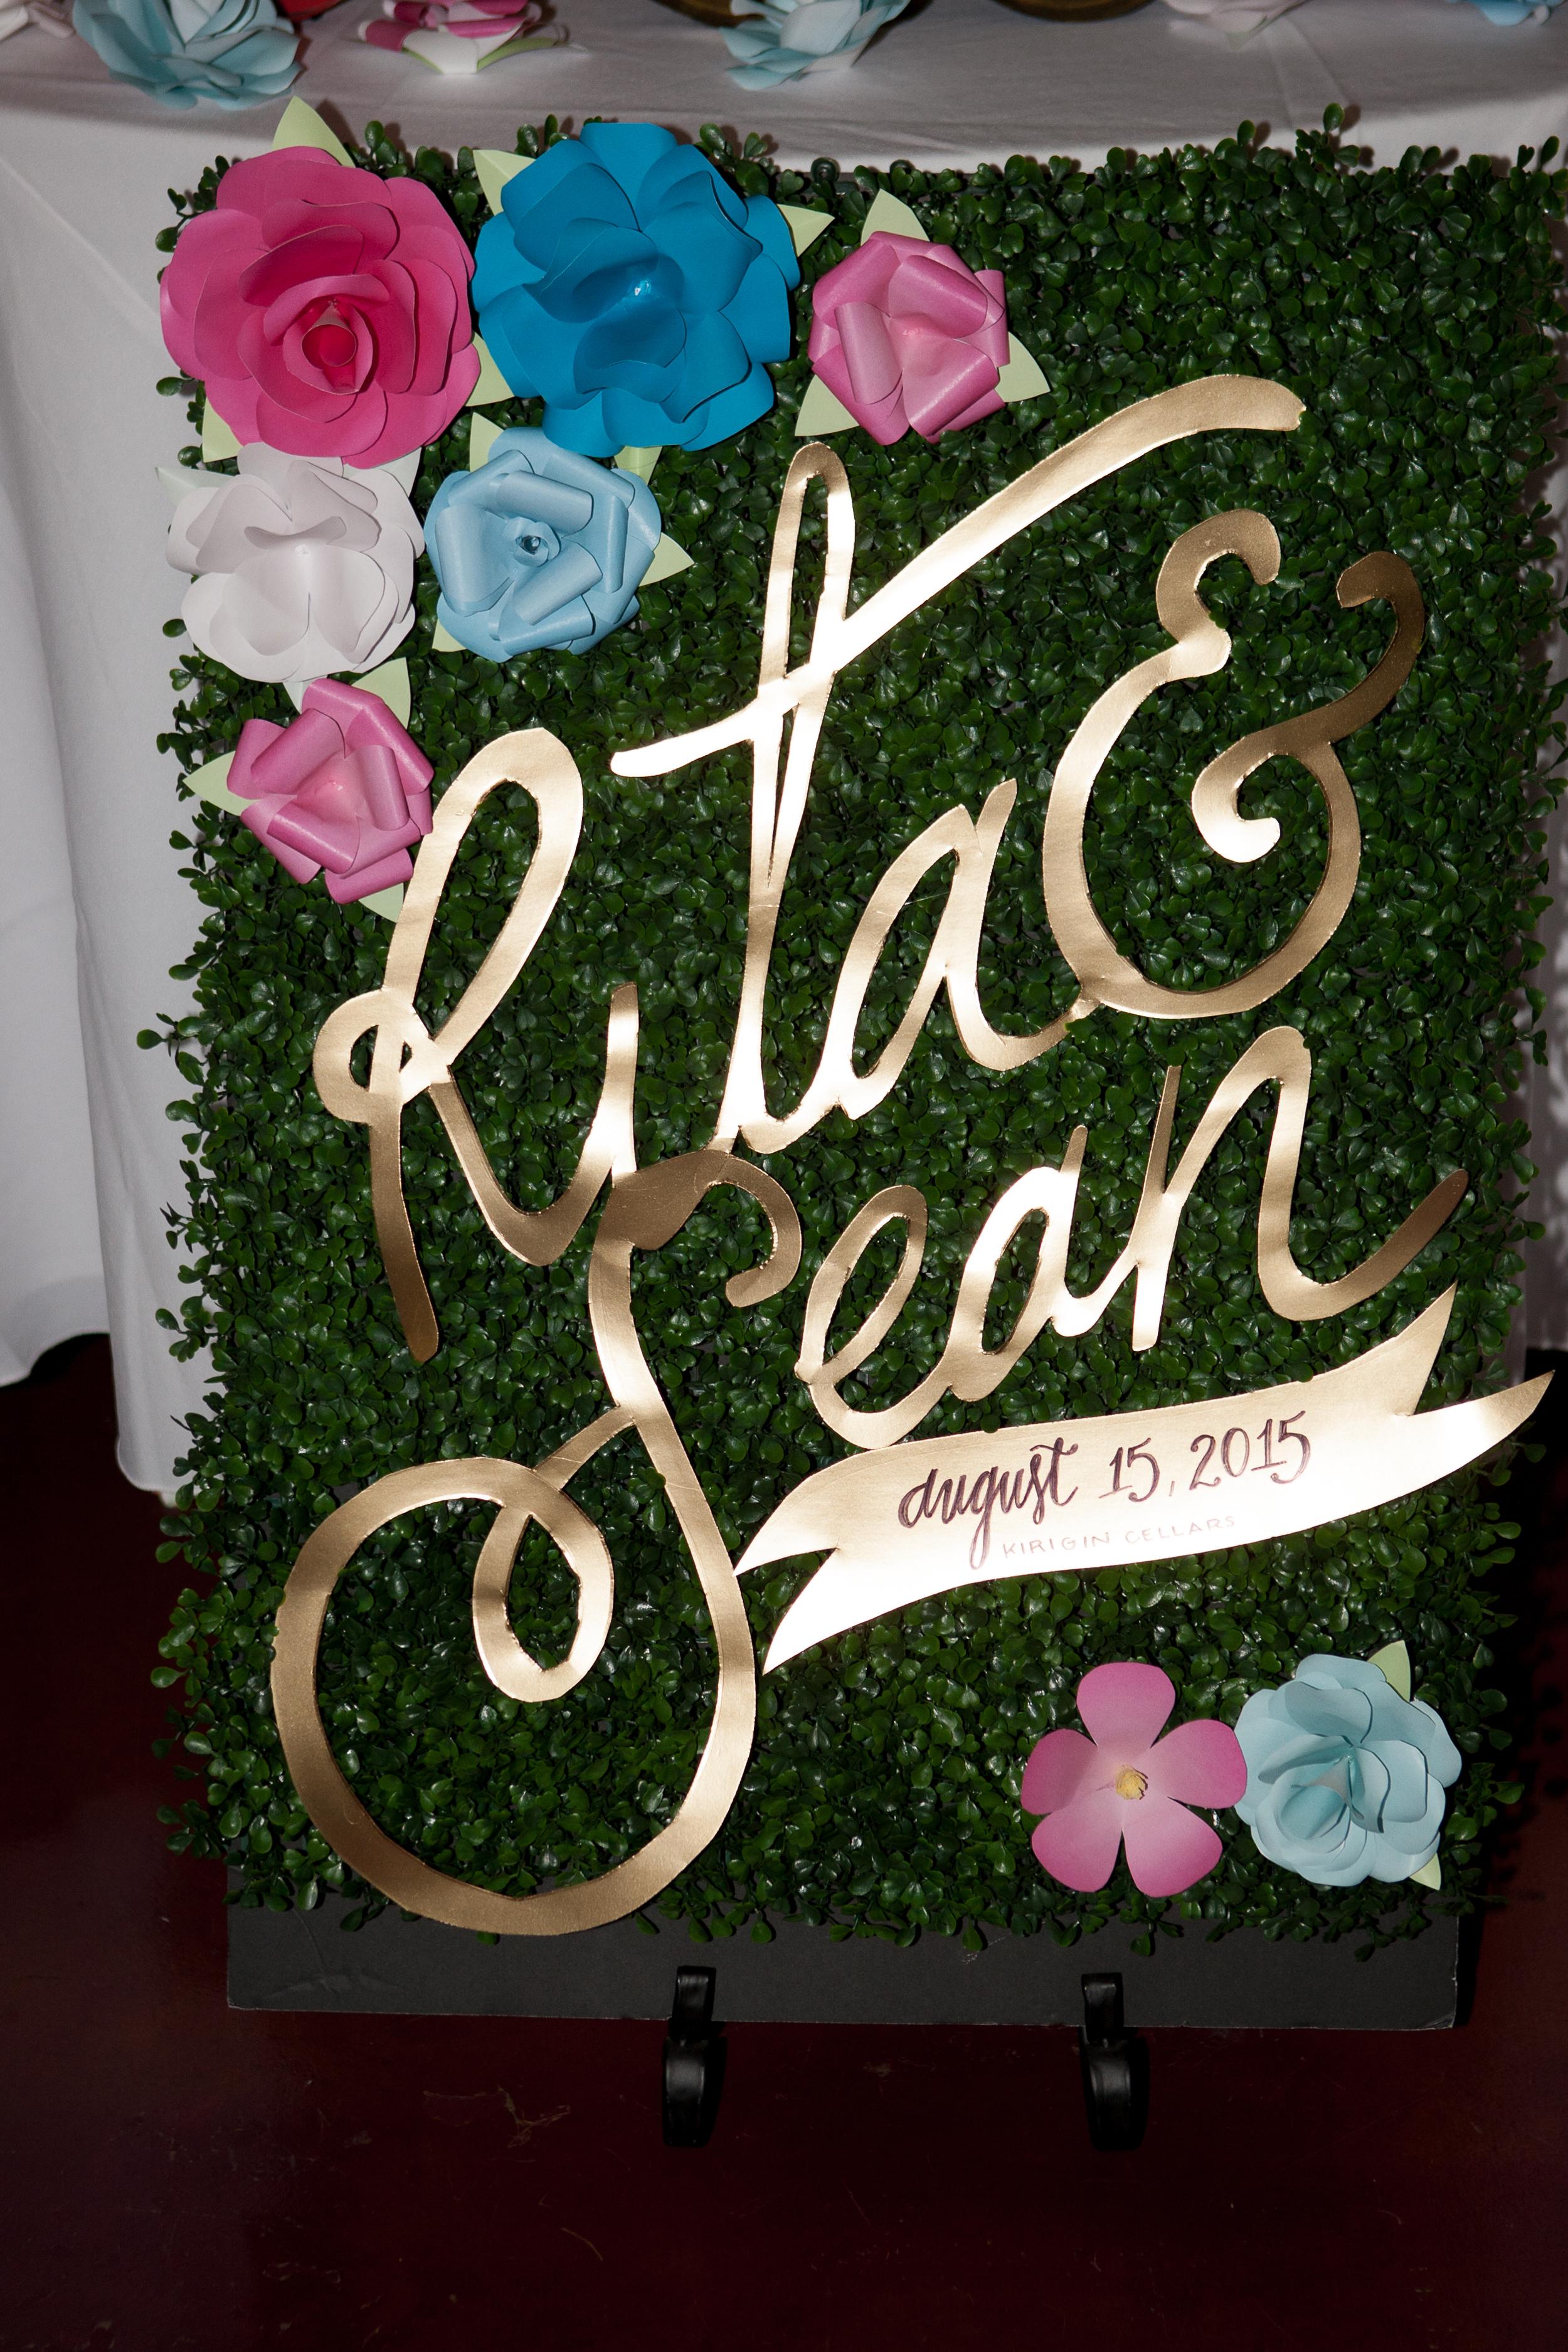 Rita + Sean Display